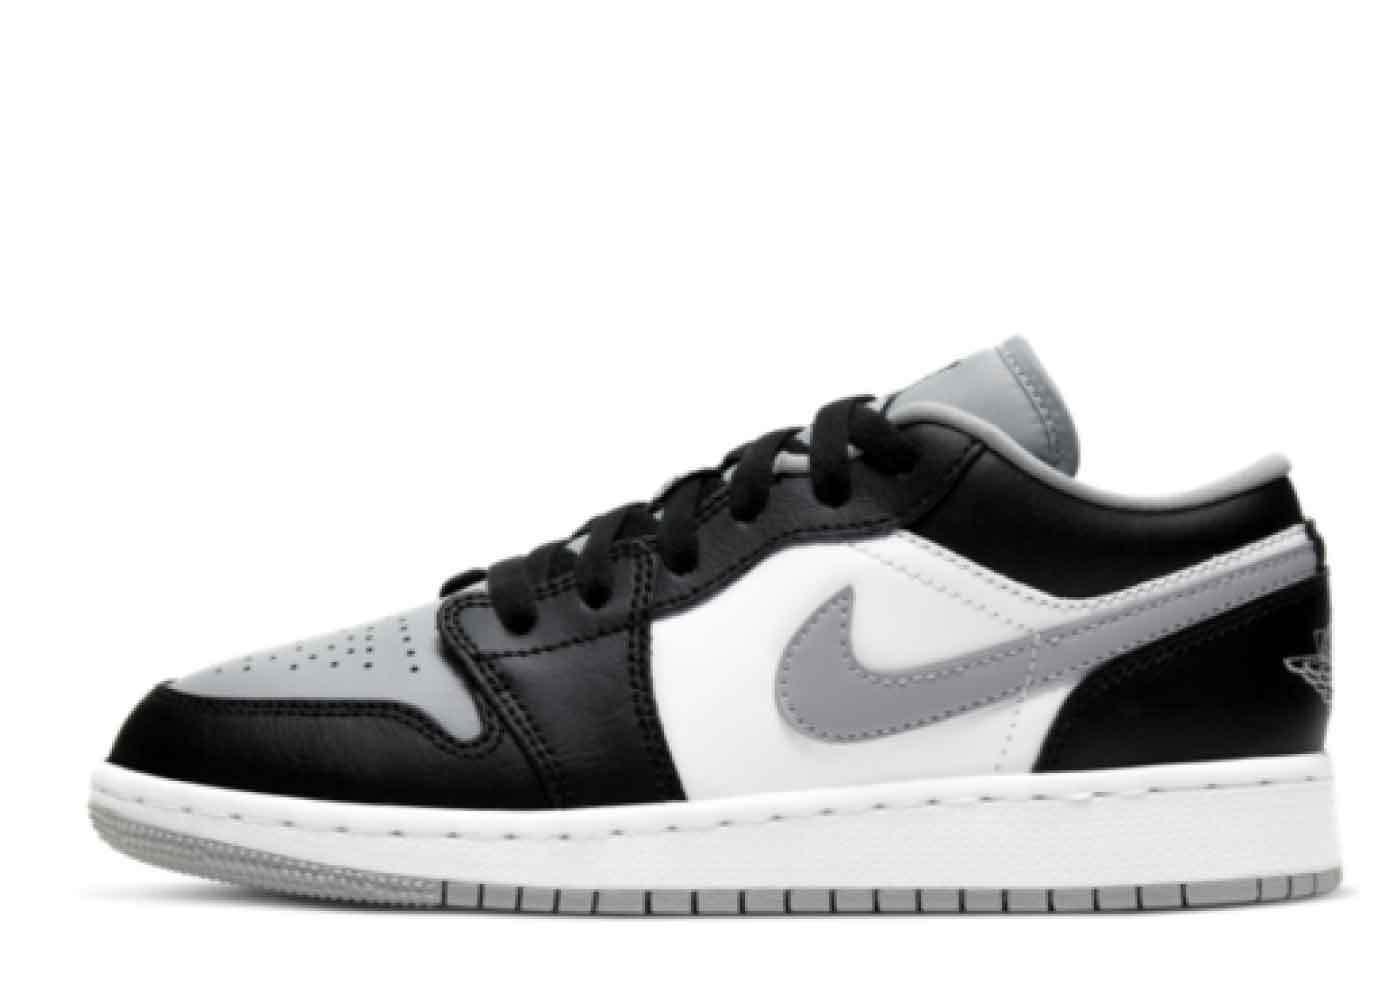 Nike Air Jordan 1 Low Black Smoke Grey (GS)の写真